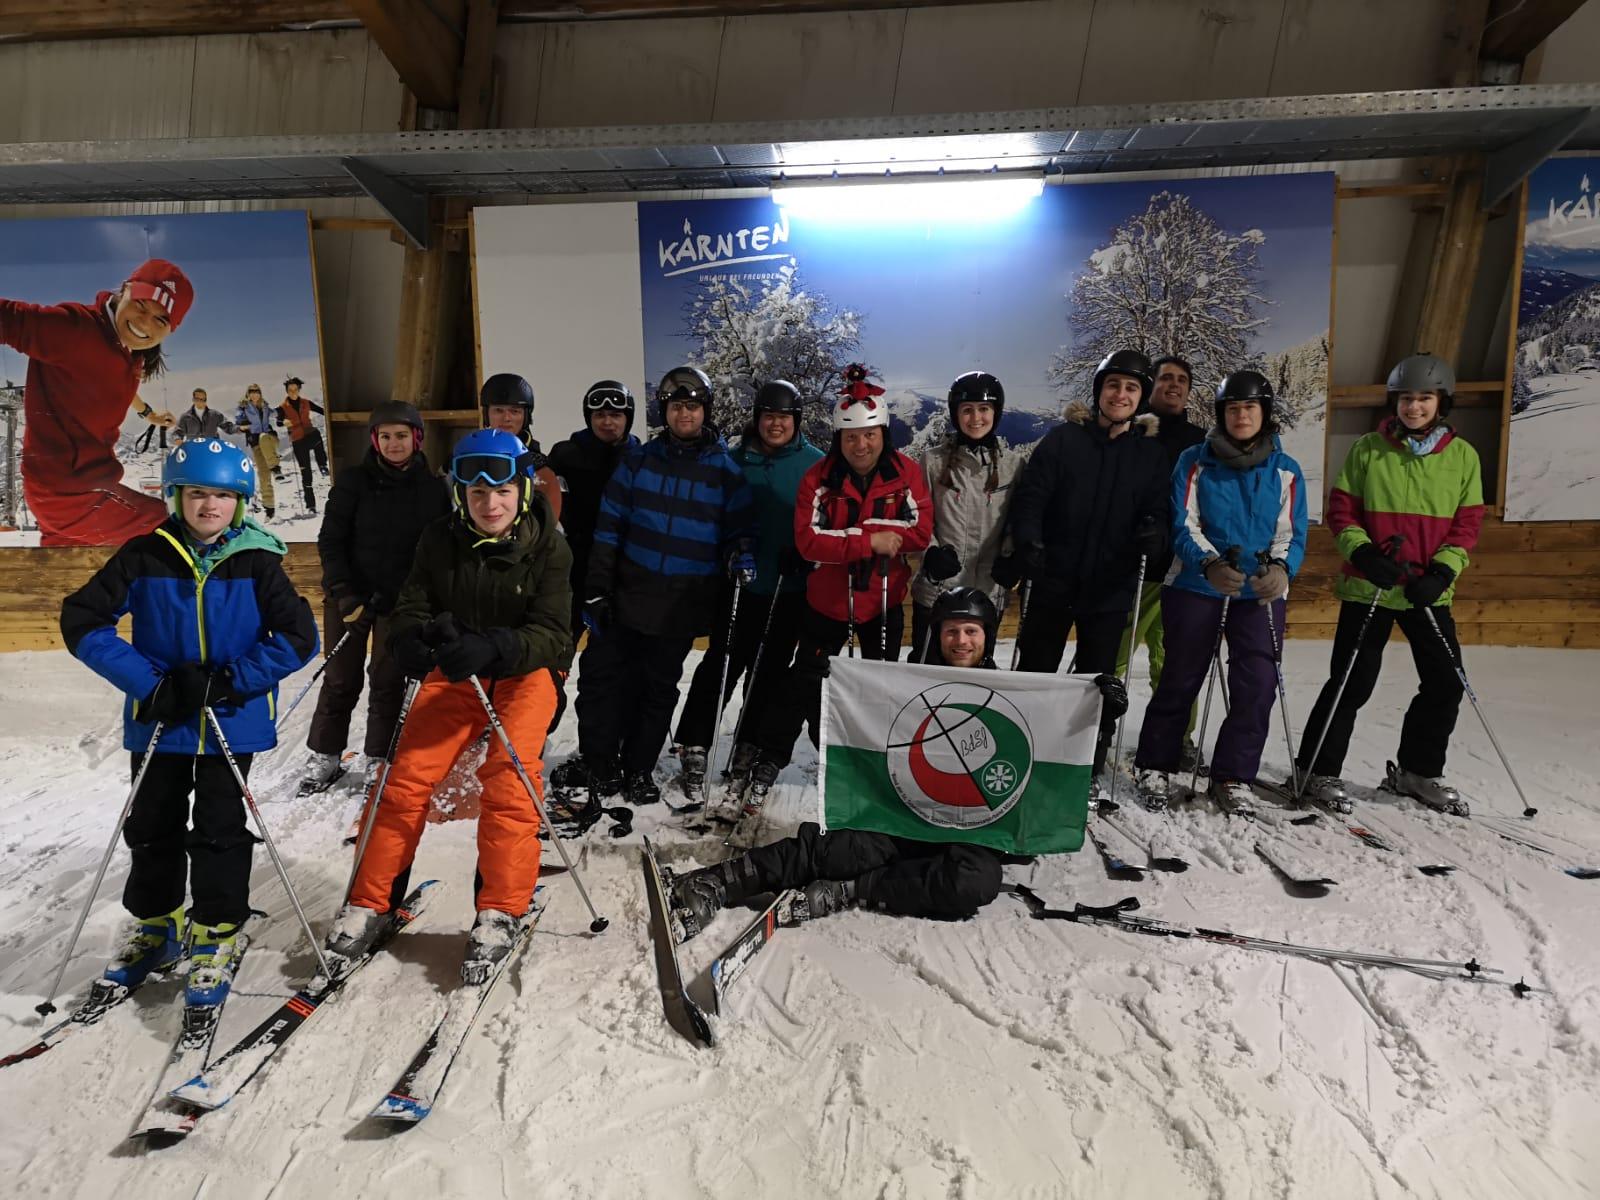 Ausflug in die Skihalle